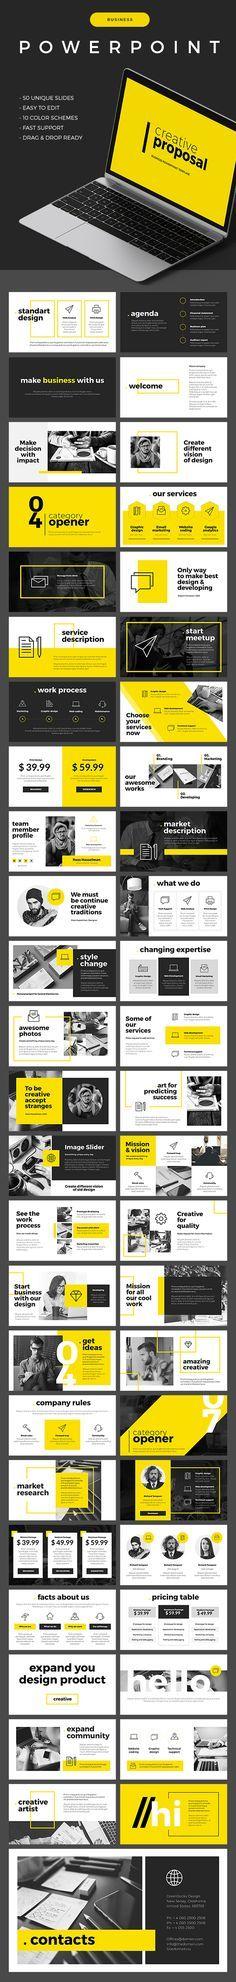 Business Powerpoint Template - 50 Unique Slides